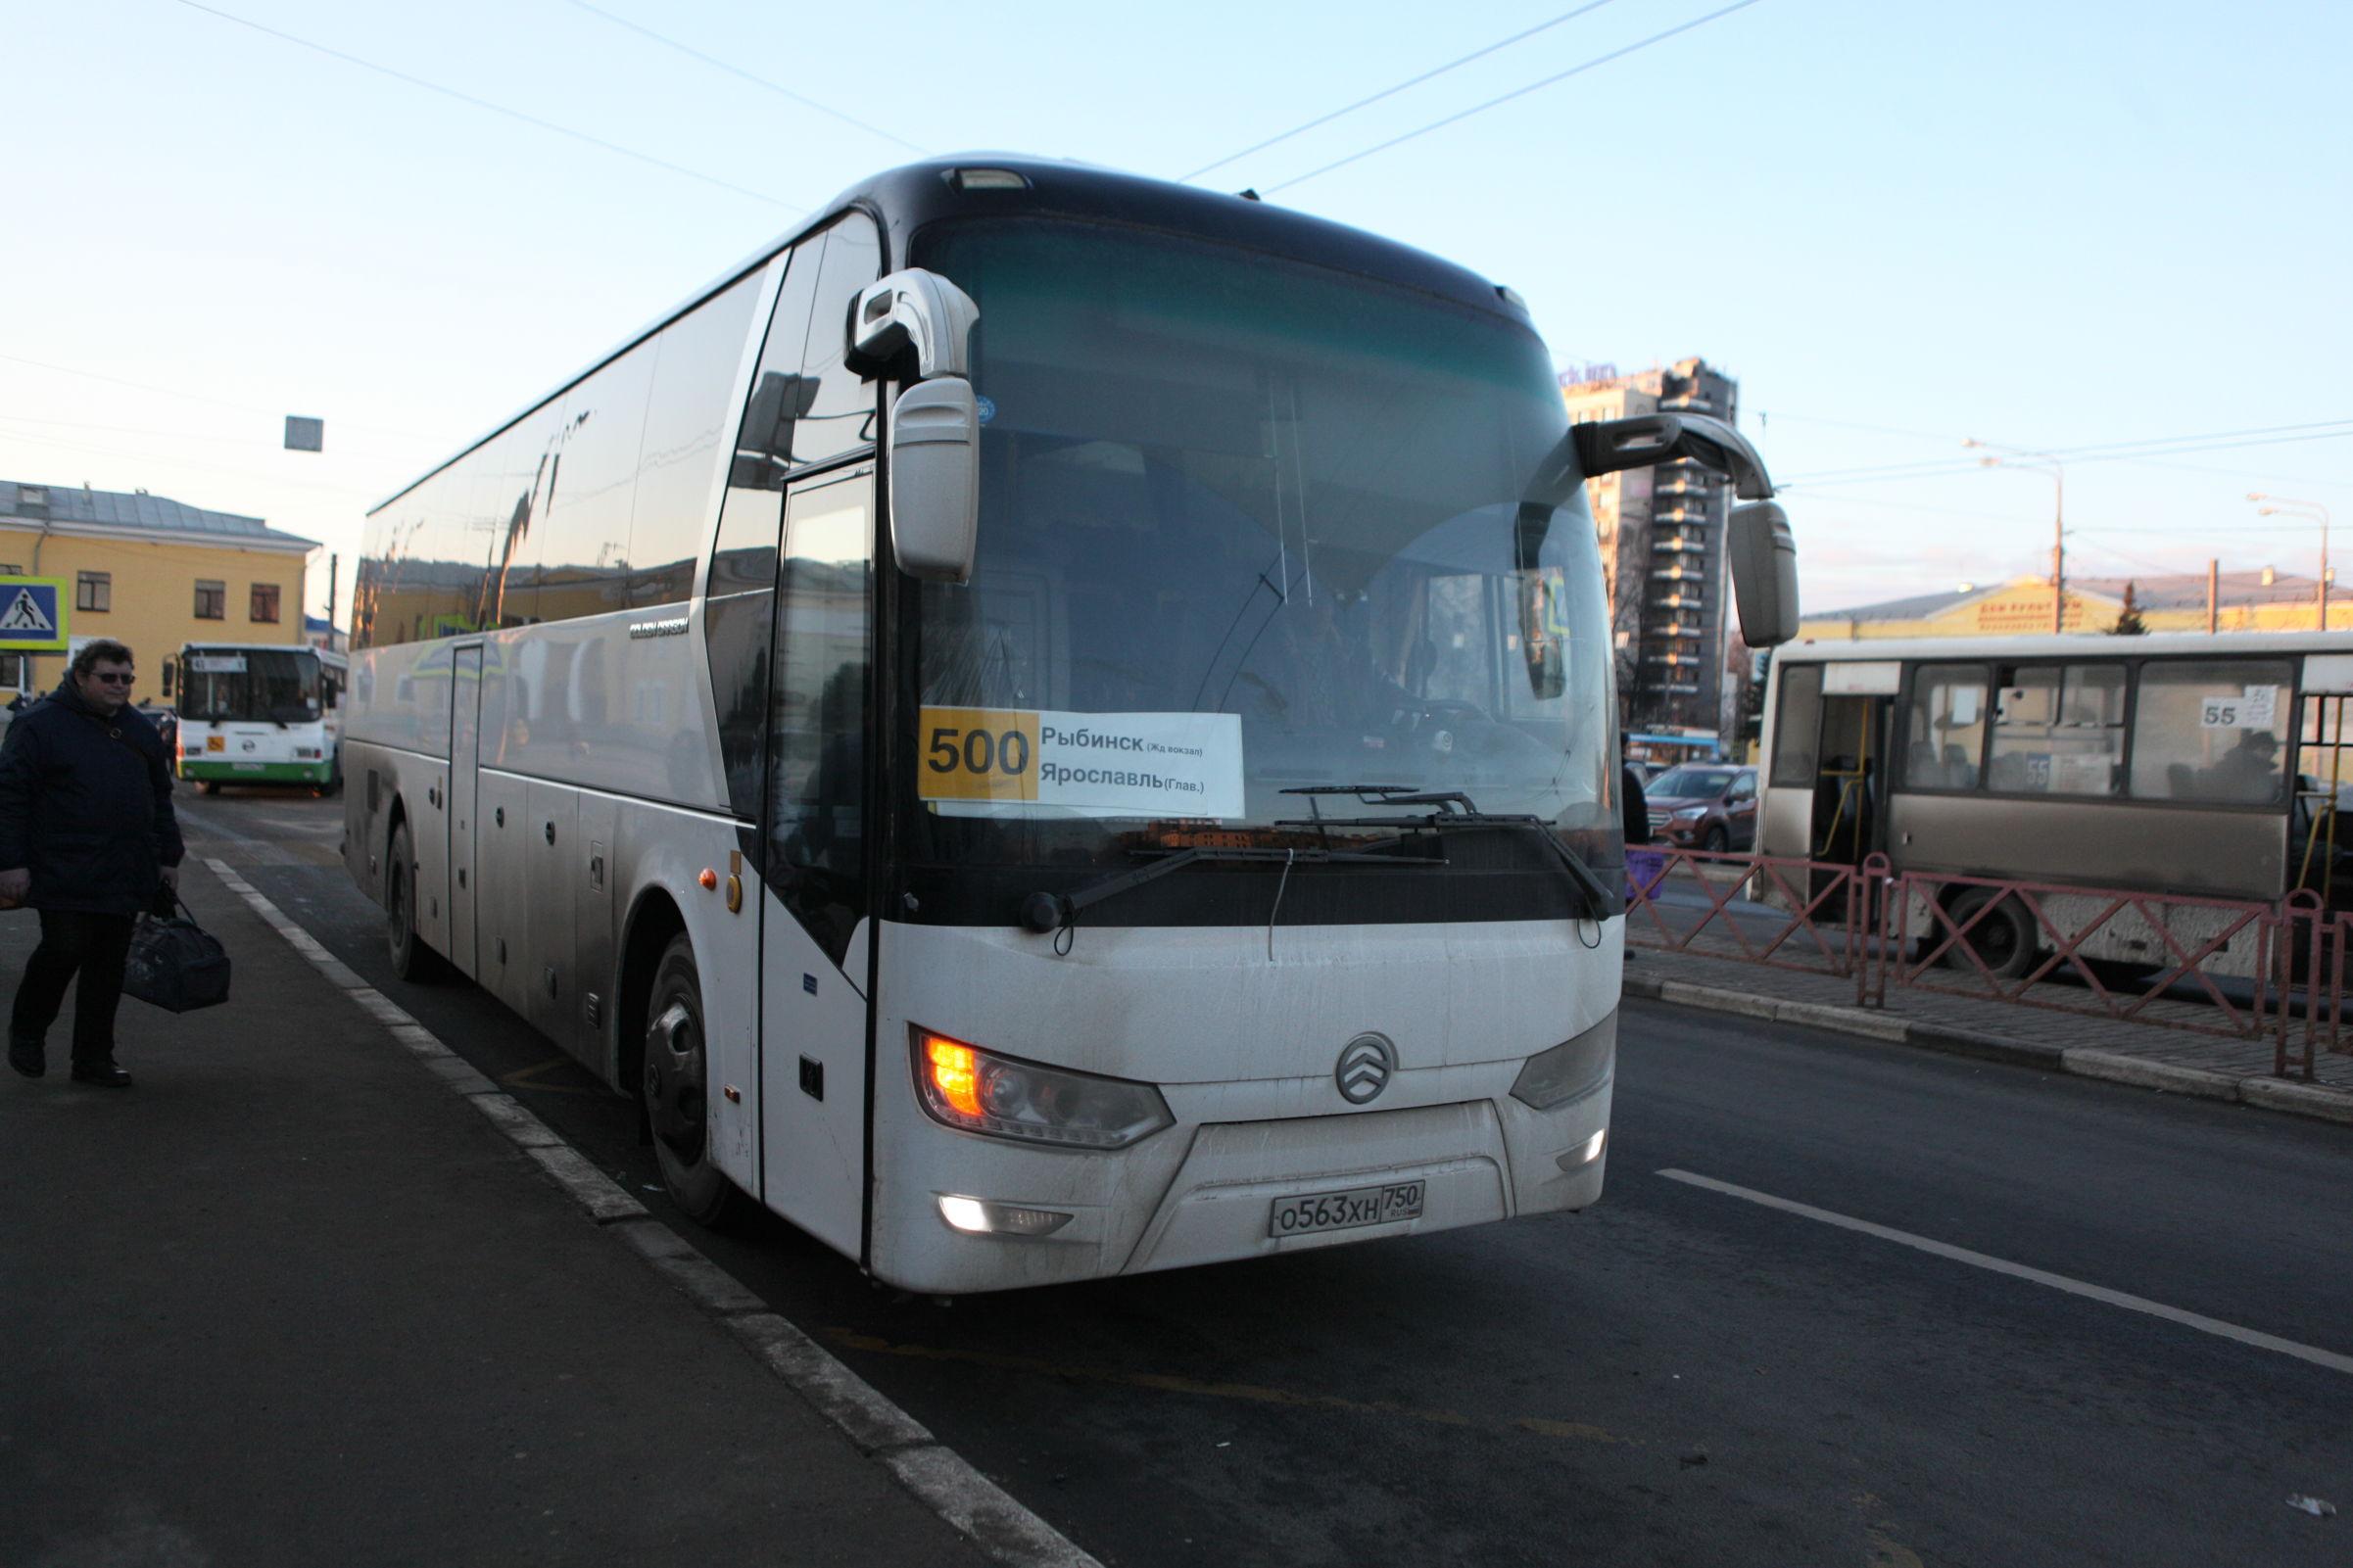 Автобусы на рыбинском направлении соответствуют сложившемуся пассажиропотоку